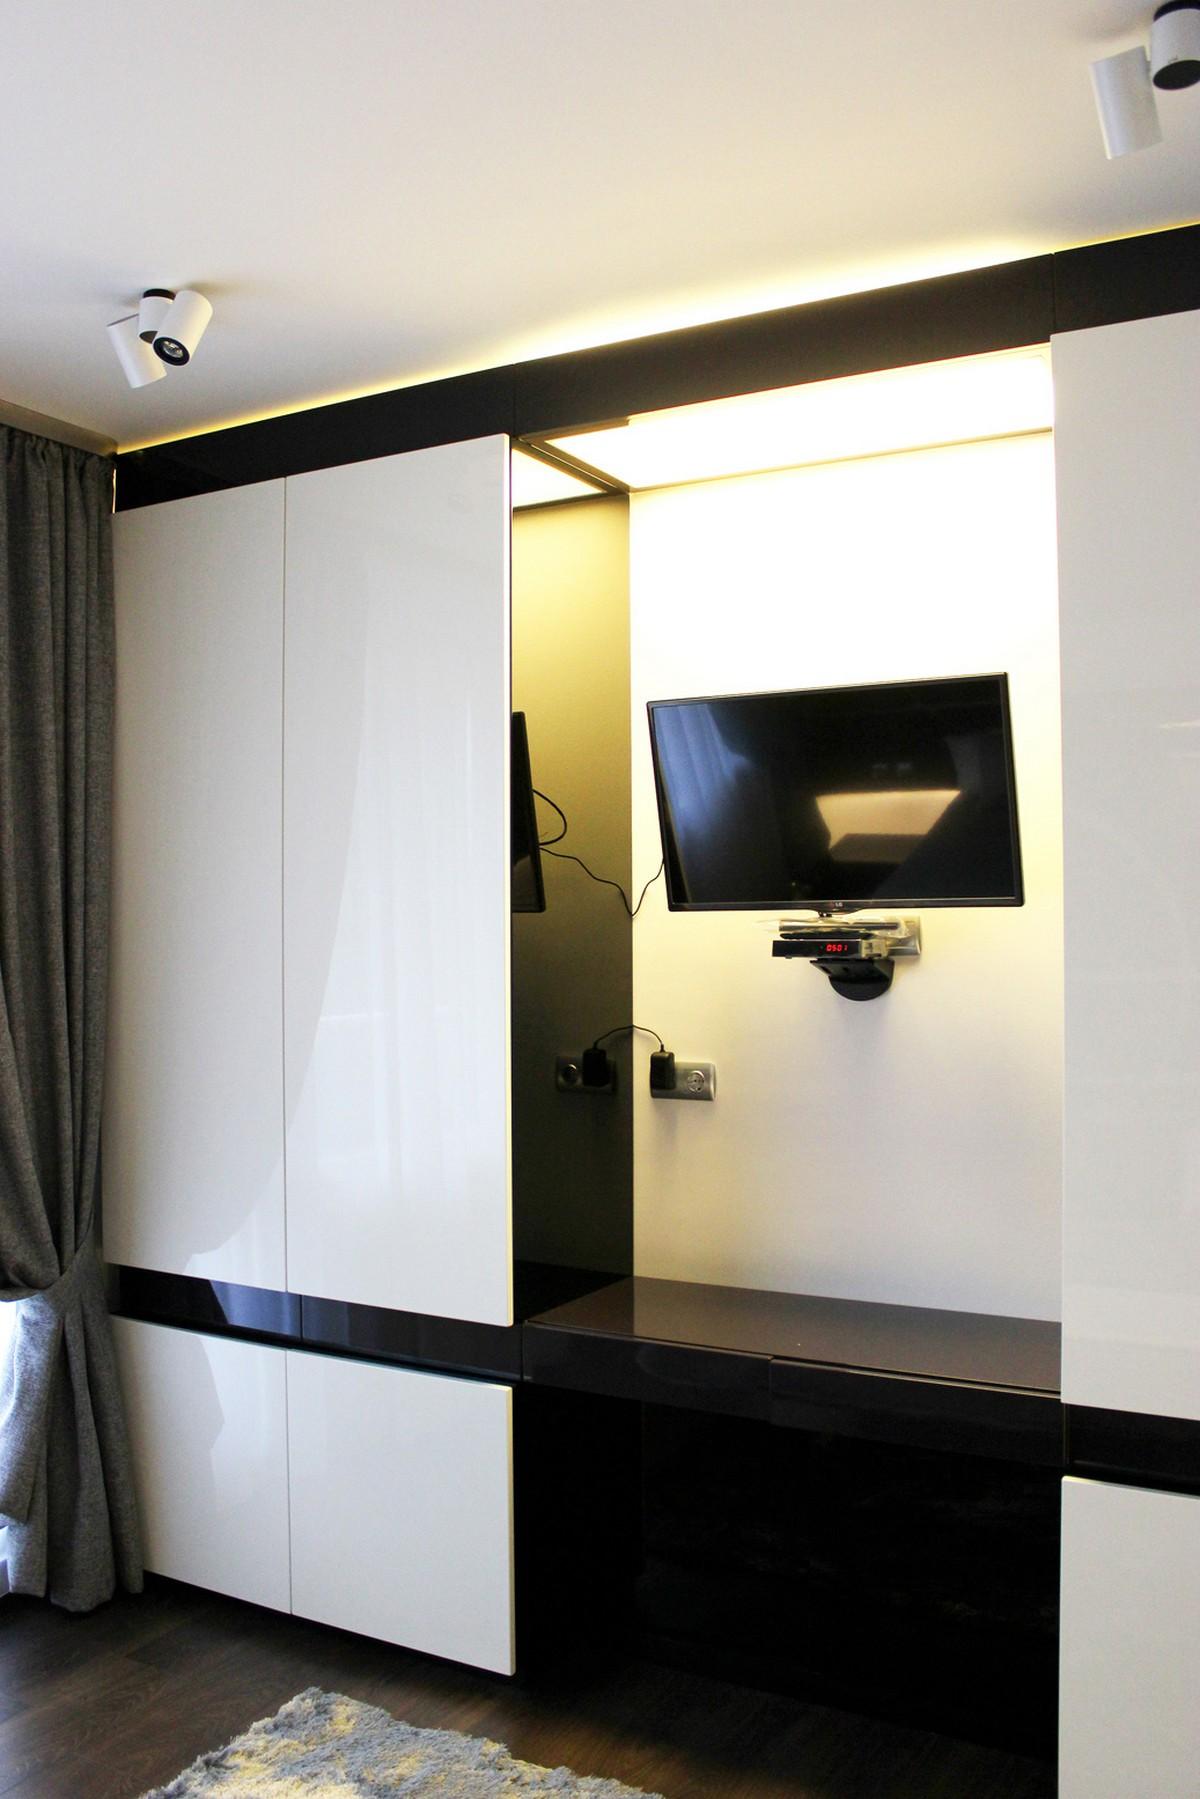 Футуристический дизайн интерьера частного дома фото 15